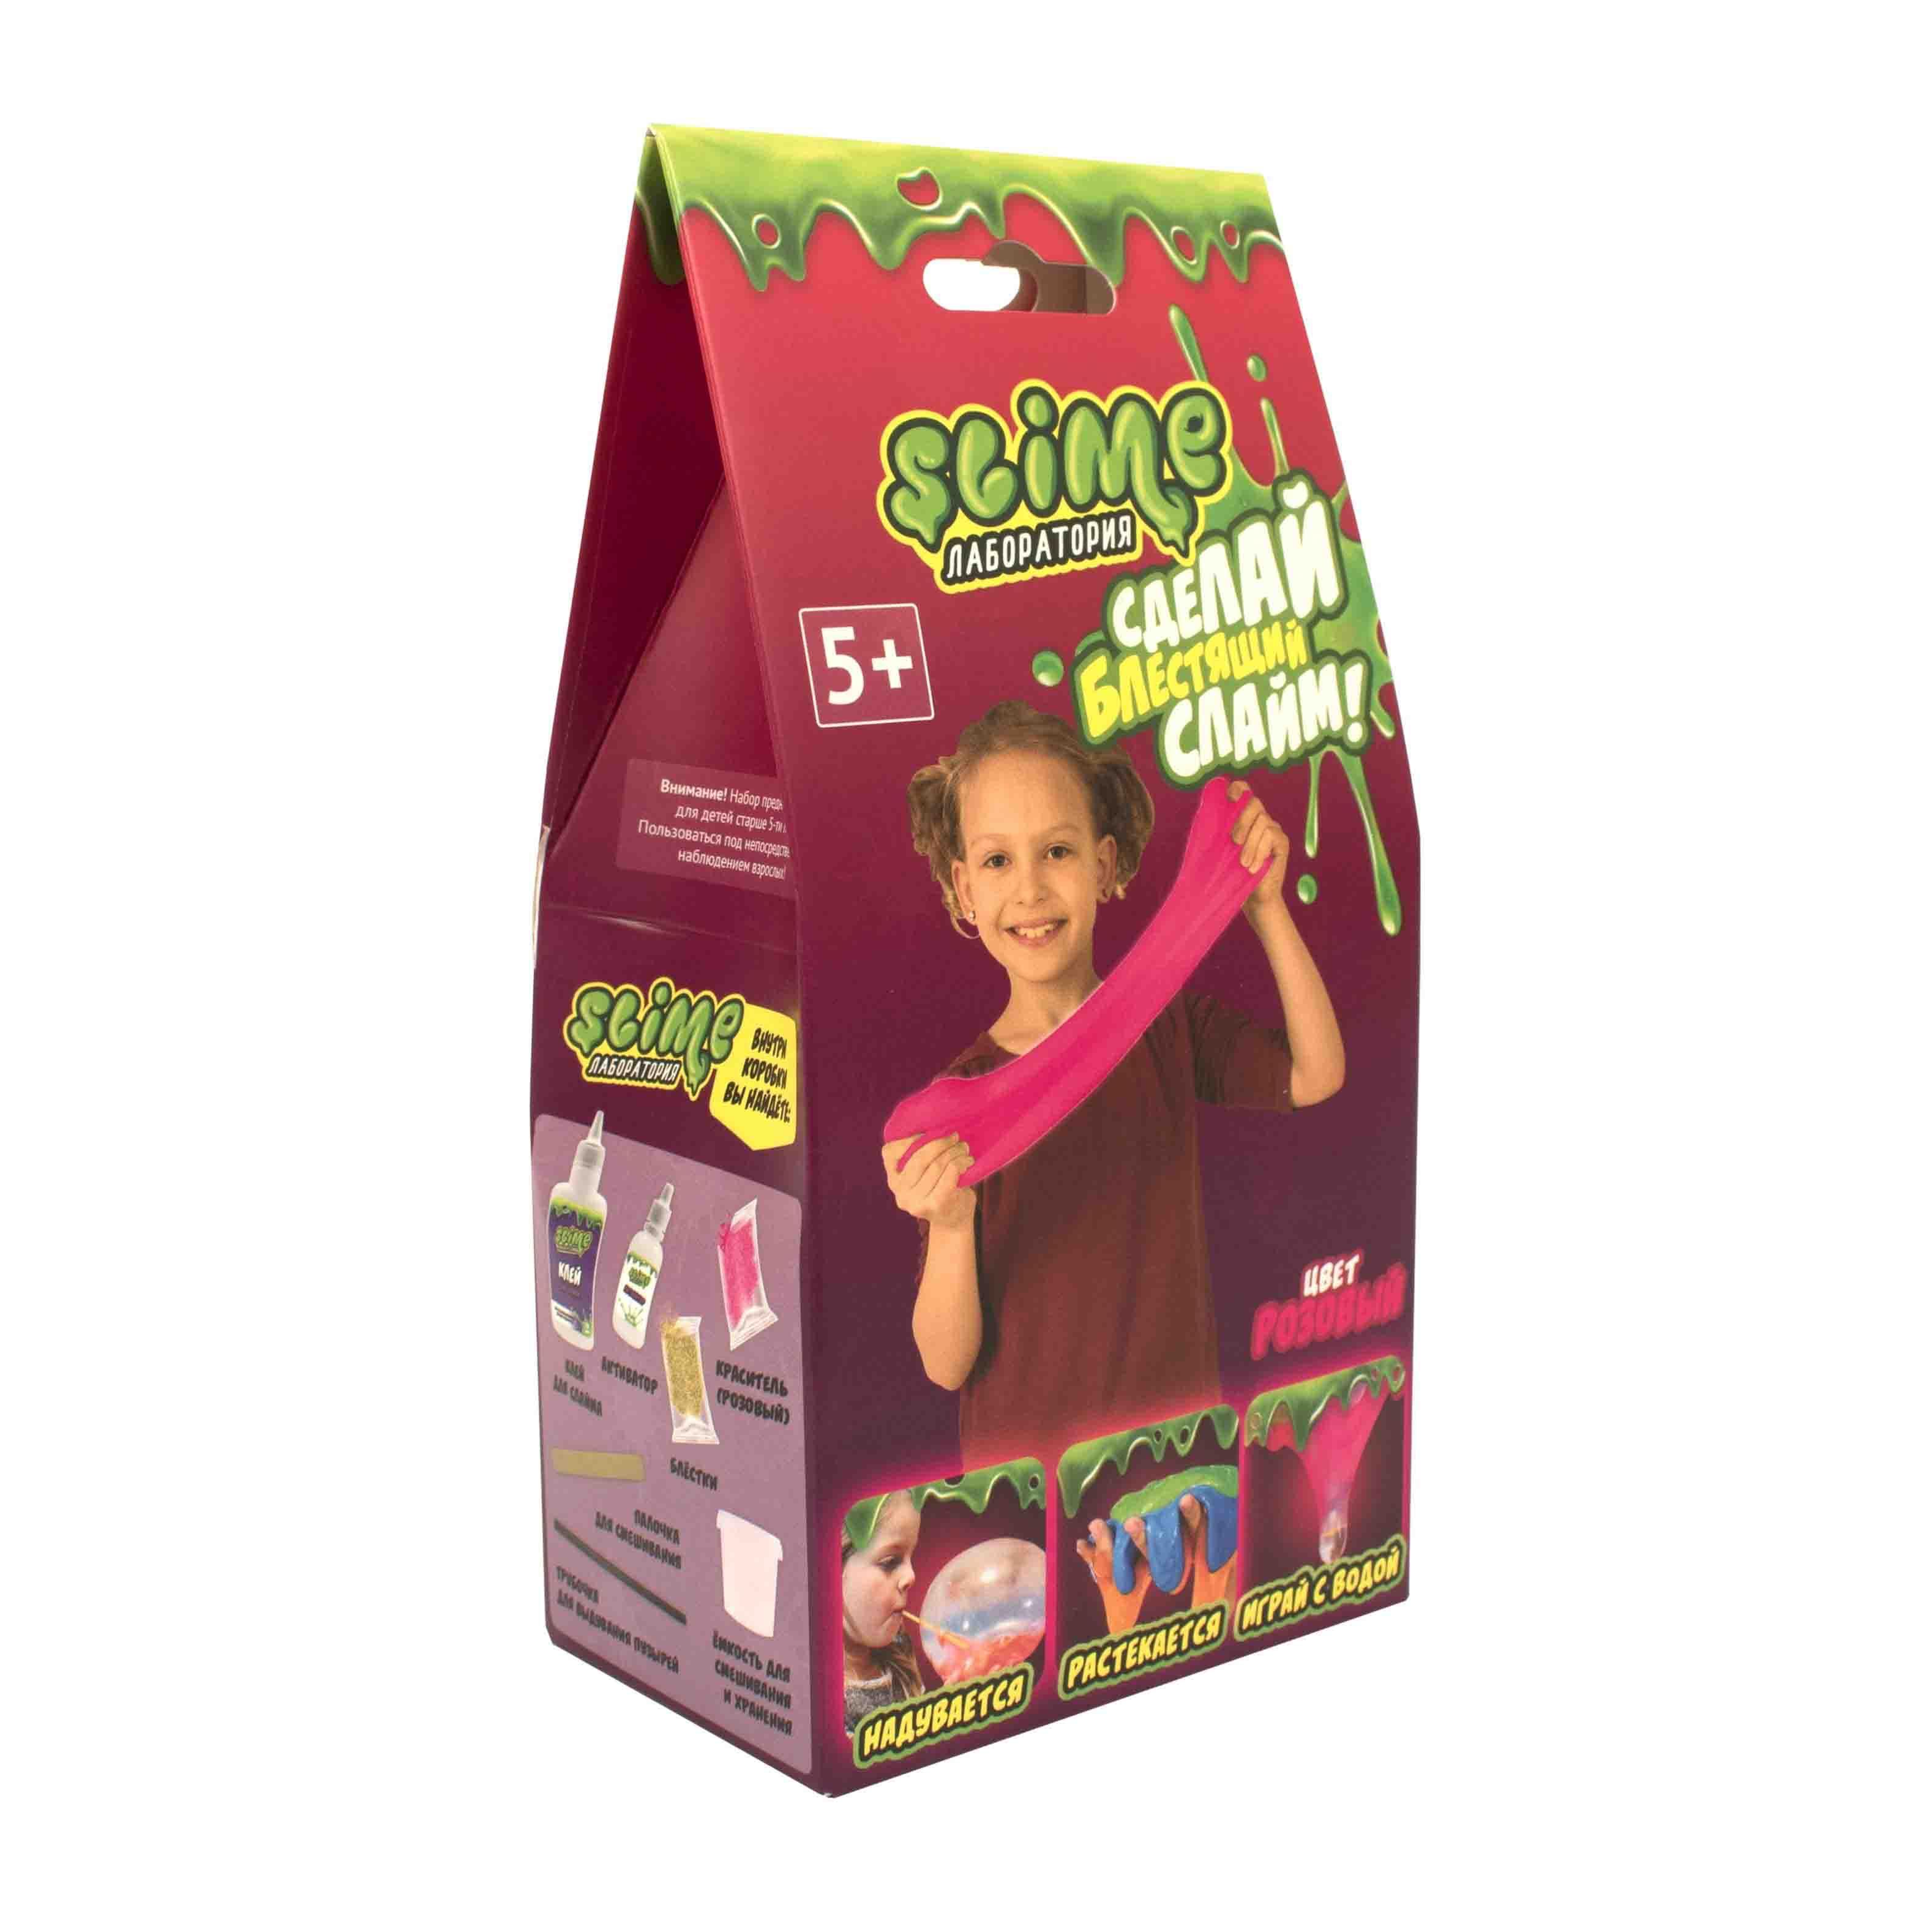 Купить Набор для девочек малый - Slime Лаборатория, розовый, 100 г, Волшебный мир